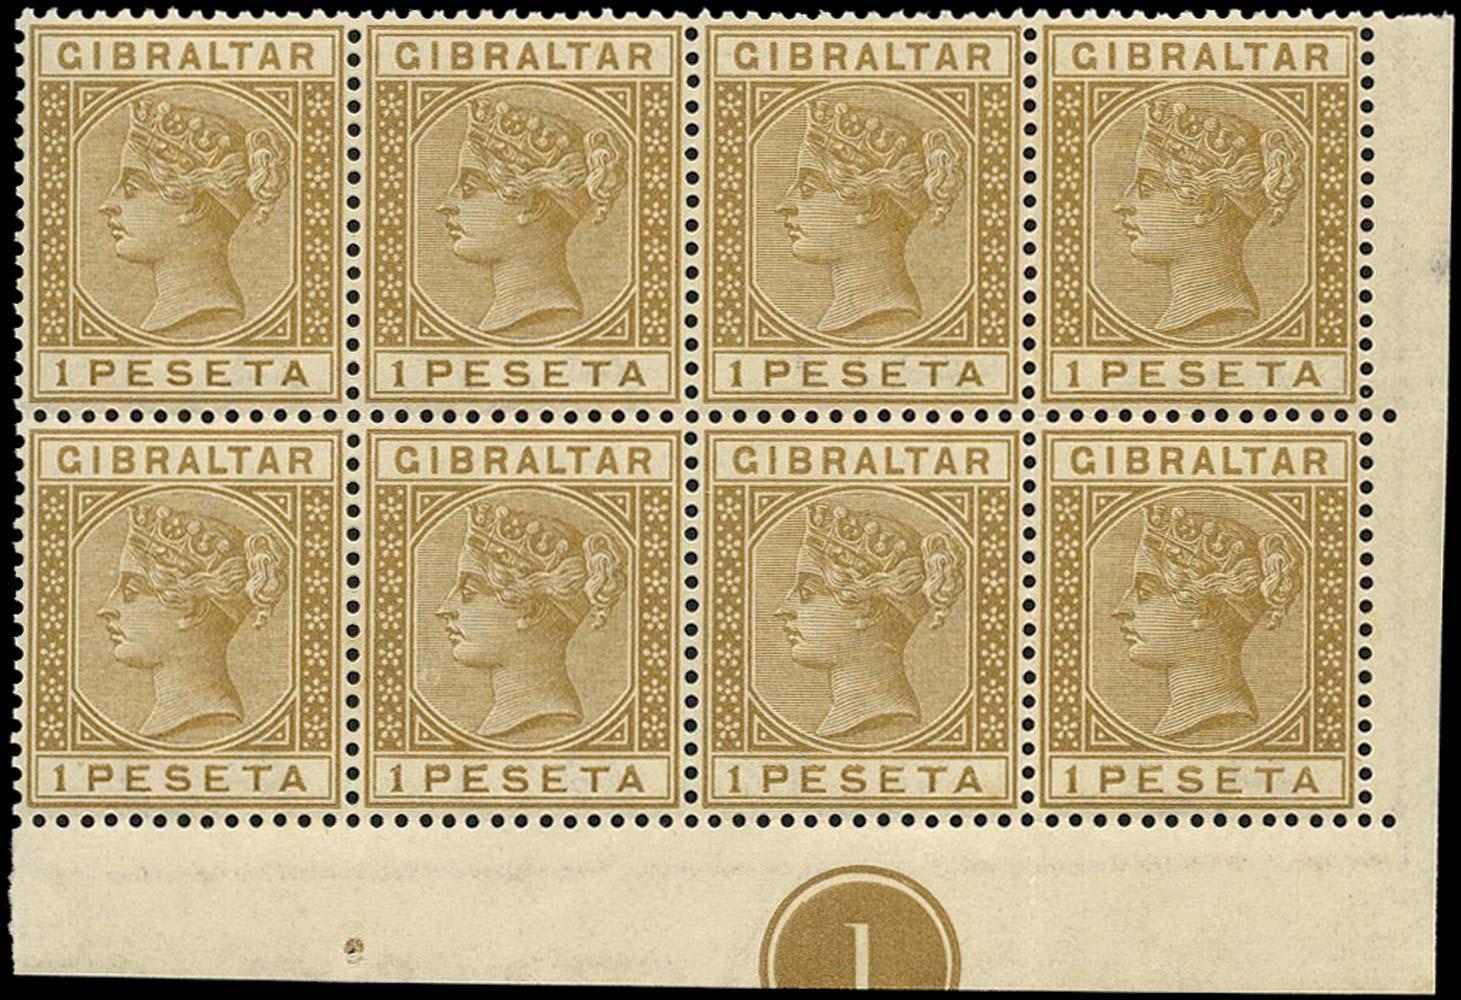 GIBRALTAR 1889  SG30 Mint